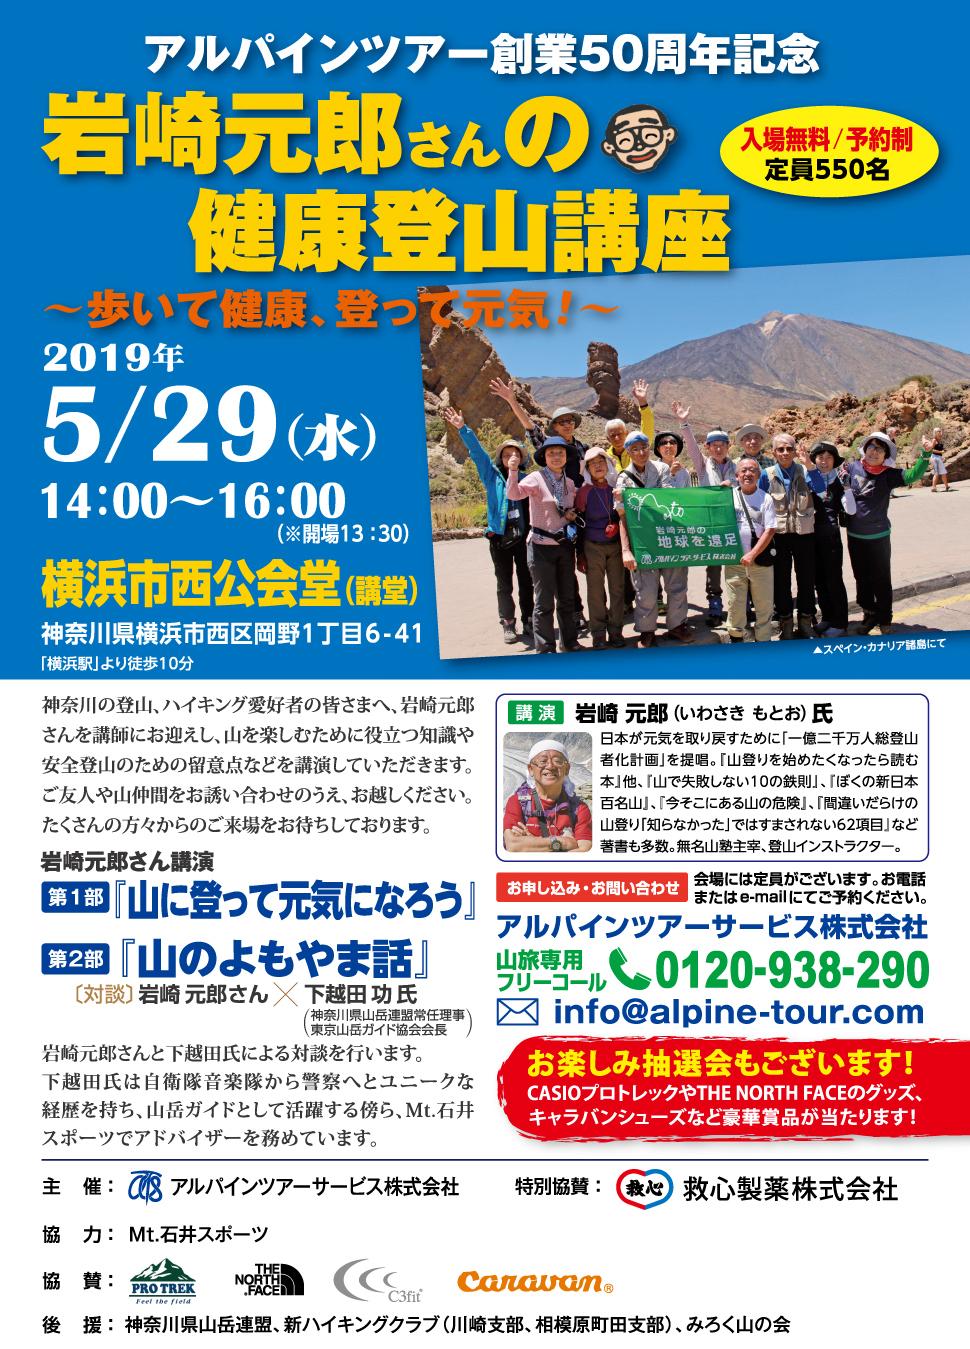 【横浜】岩崎元郎さんの健康登山講座